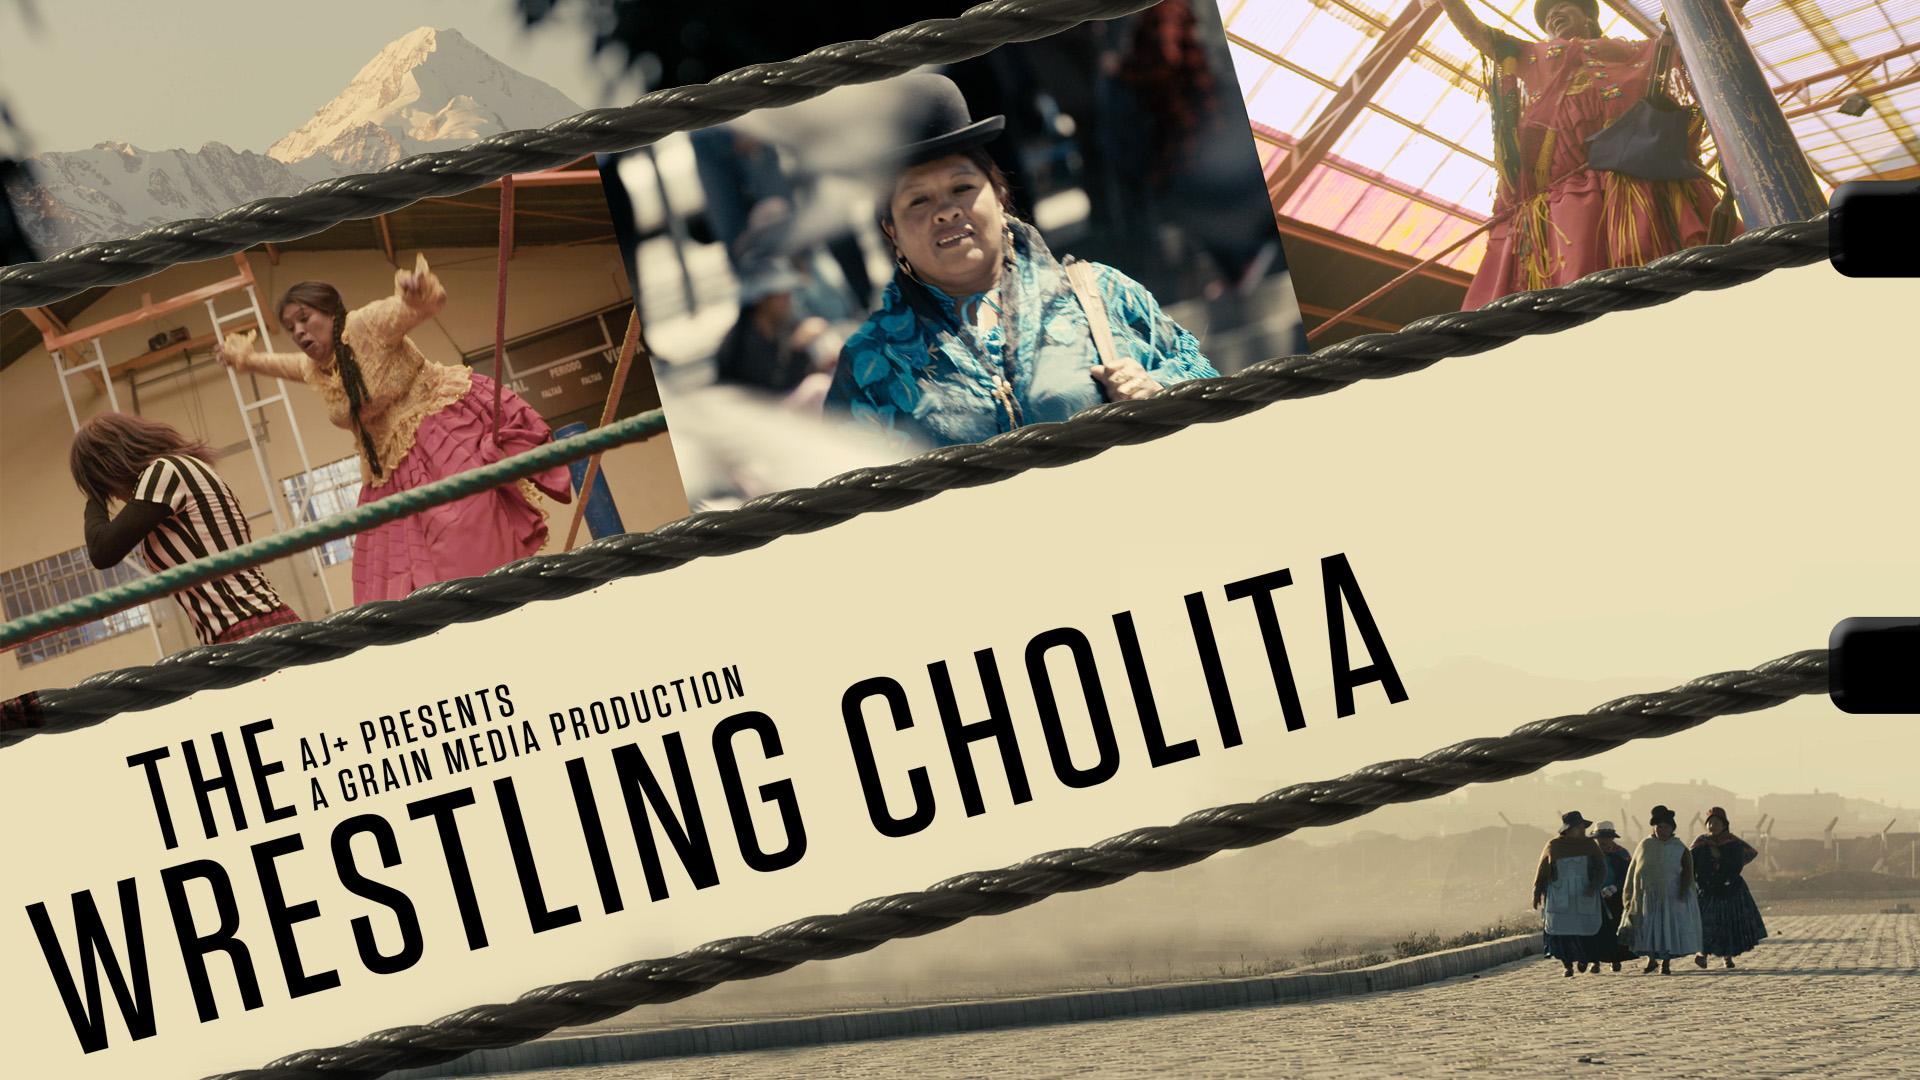 The Wrestling Cholita Poster 1.jpg